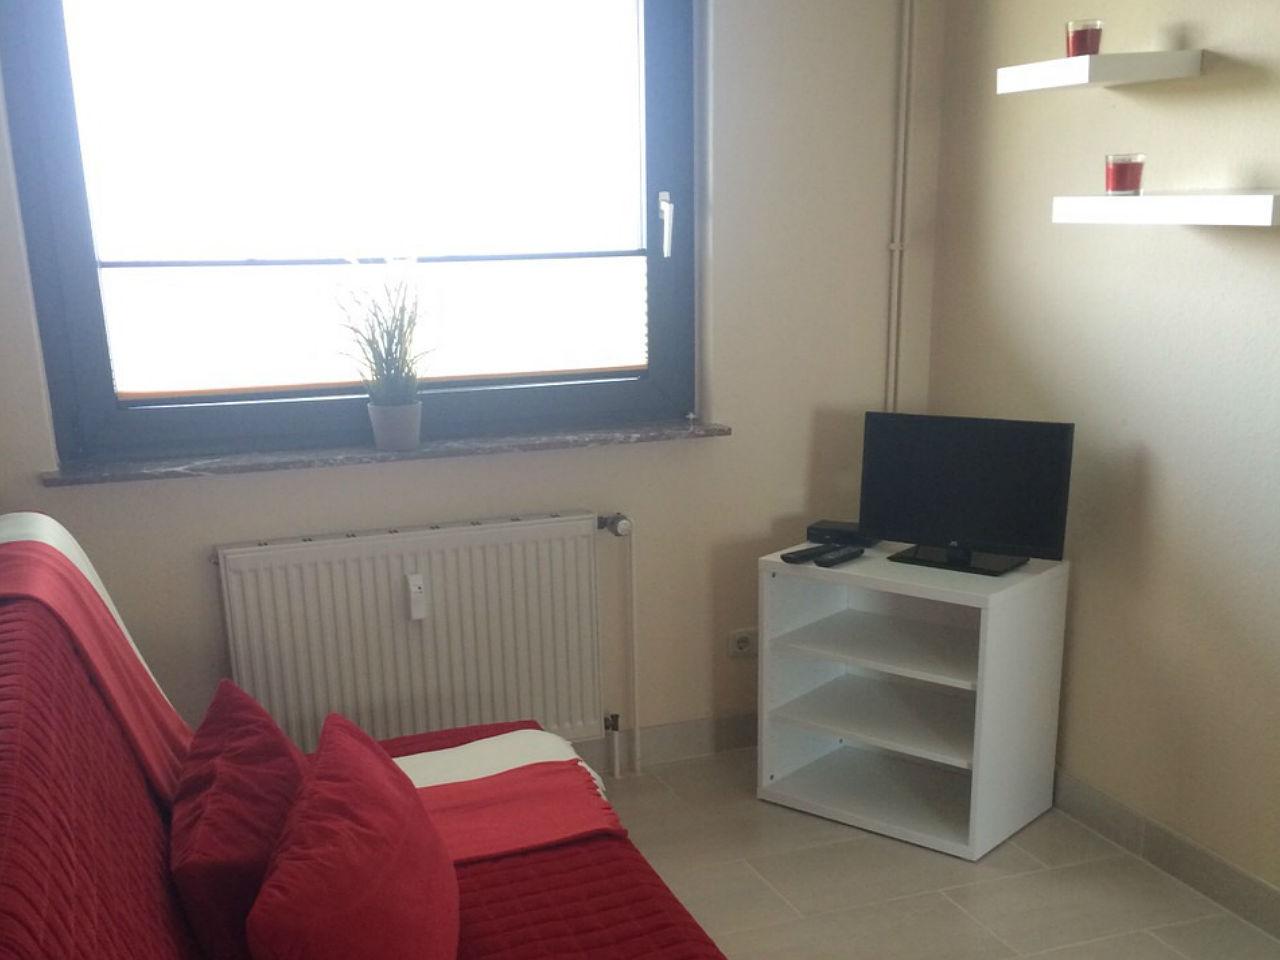 Moderne Wohnzimmer eingerichtet bei 1A Ferienwohnungen Sturm.